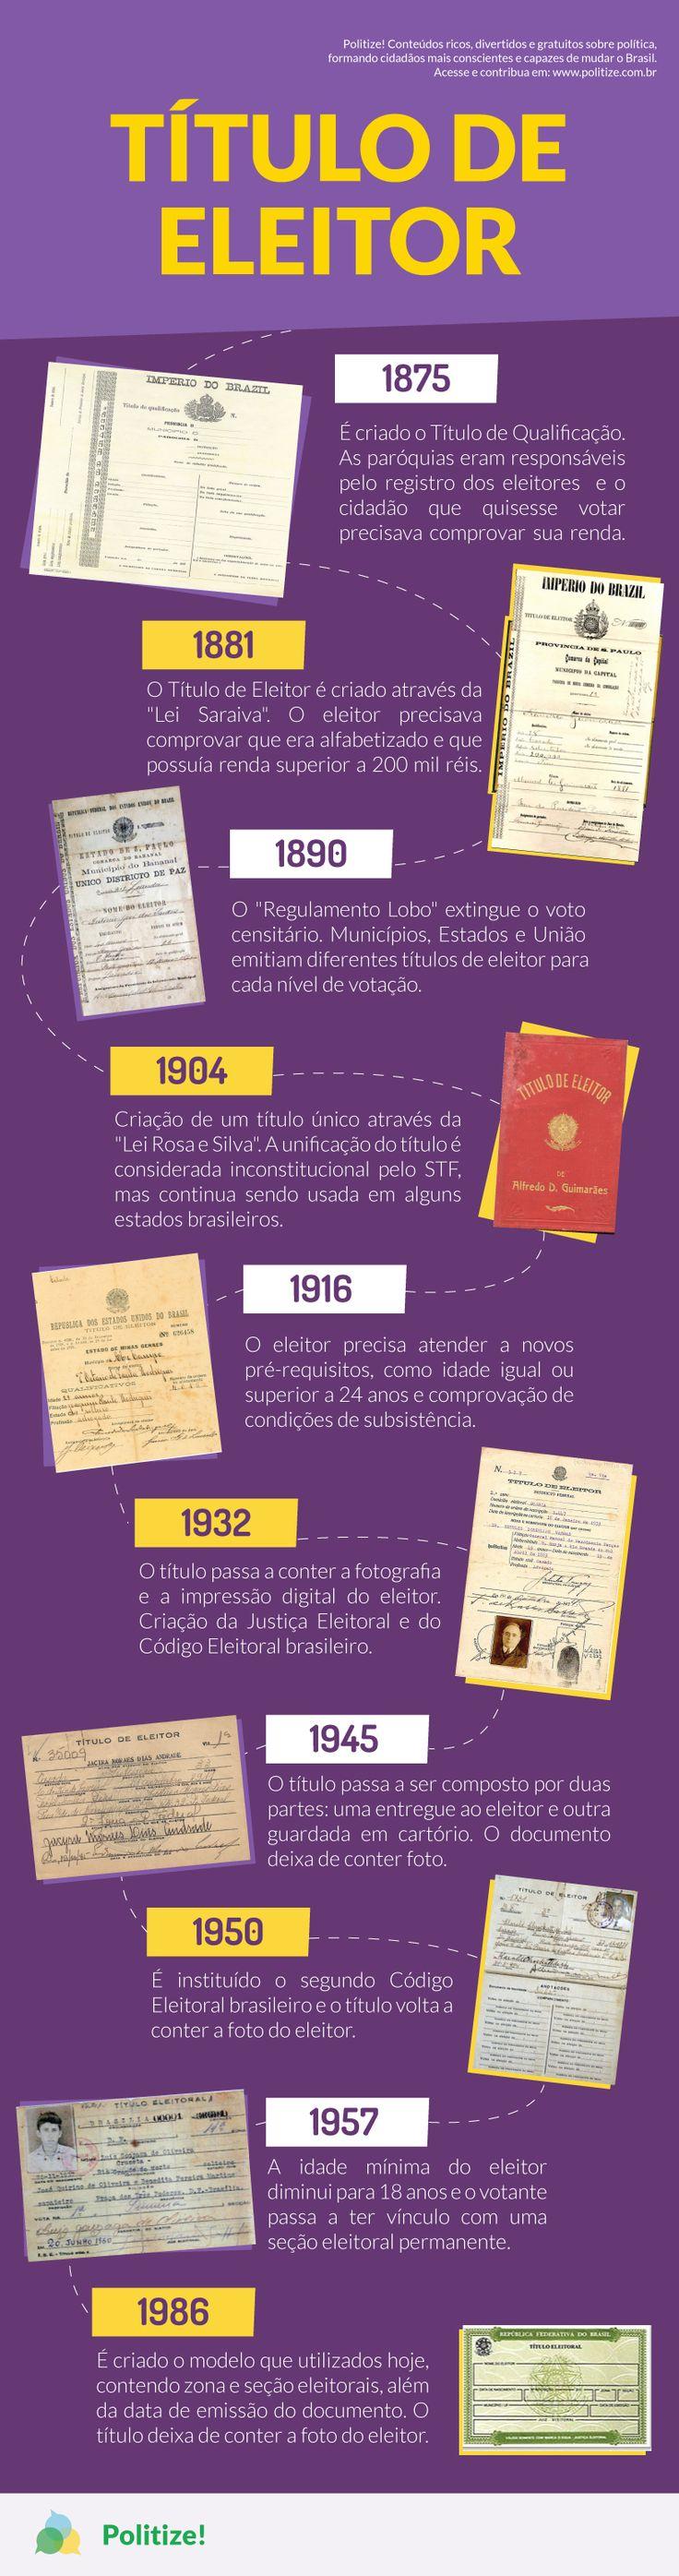 O primeiro título eleitoral foi criado quando o Brasil ainda era um Império governado por Dom Pedro II. De lá pra cá, ele passou por vários modelos, até chegar ao que usamos hoje. Confira como se deu a evolução deste importante documento e o que o cidadão brasileiro precisa fazer para tirar o seu título de eleitor.